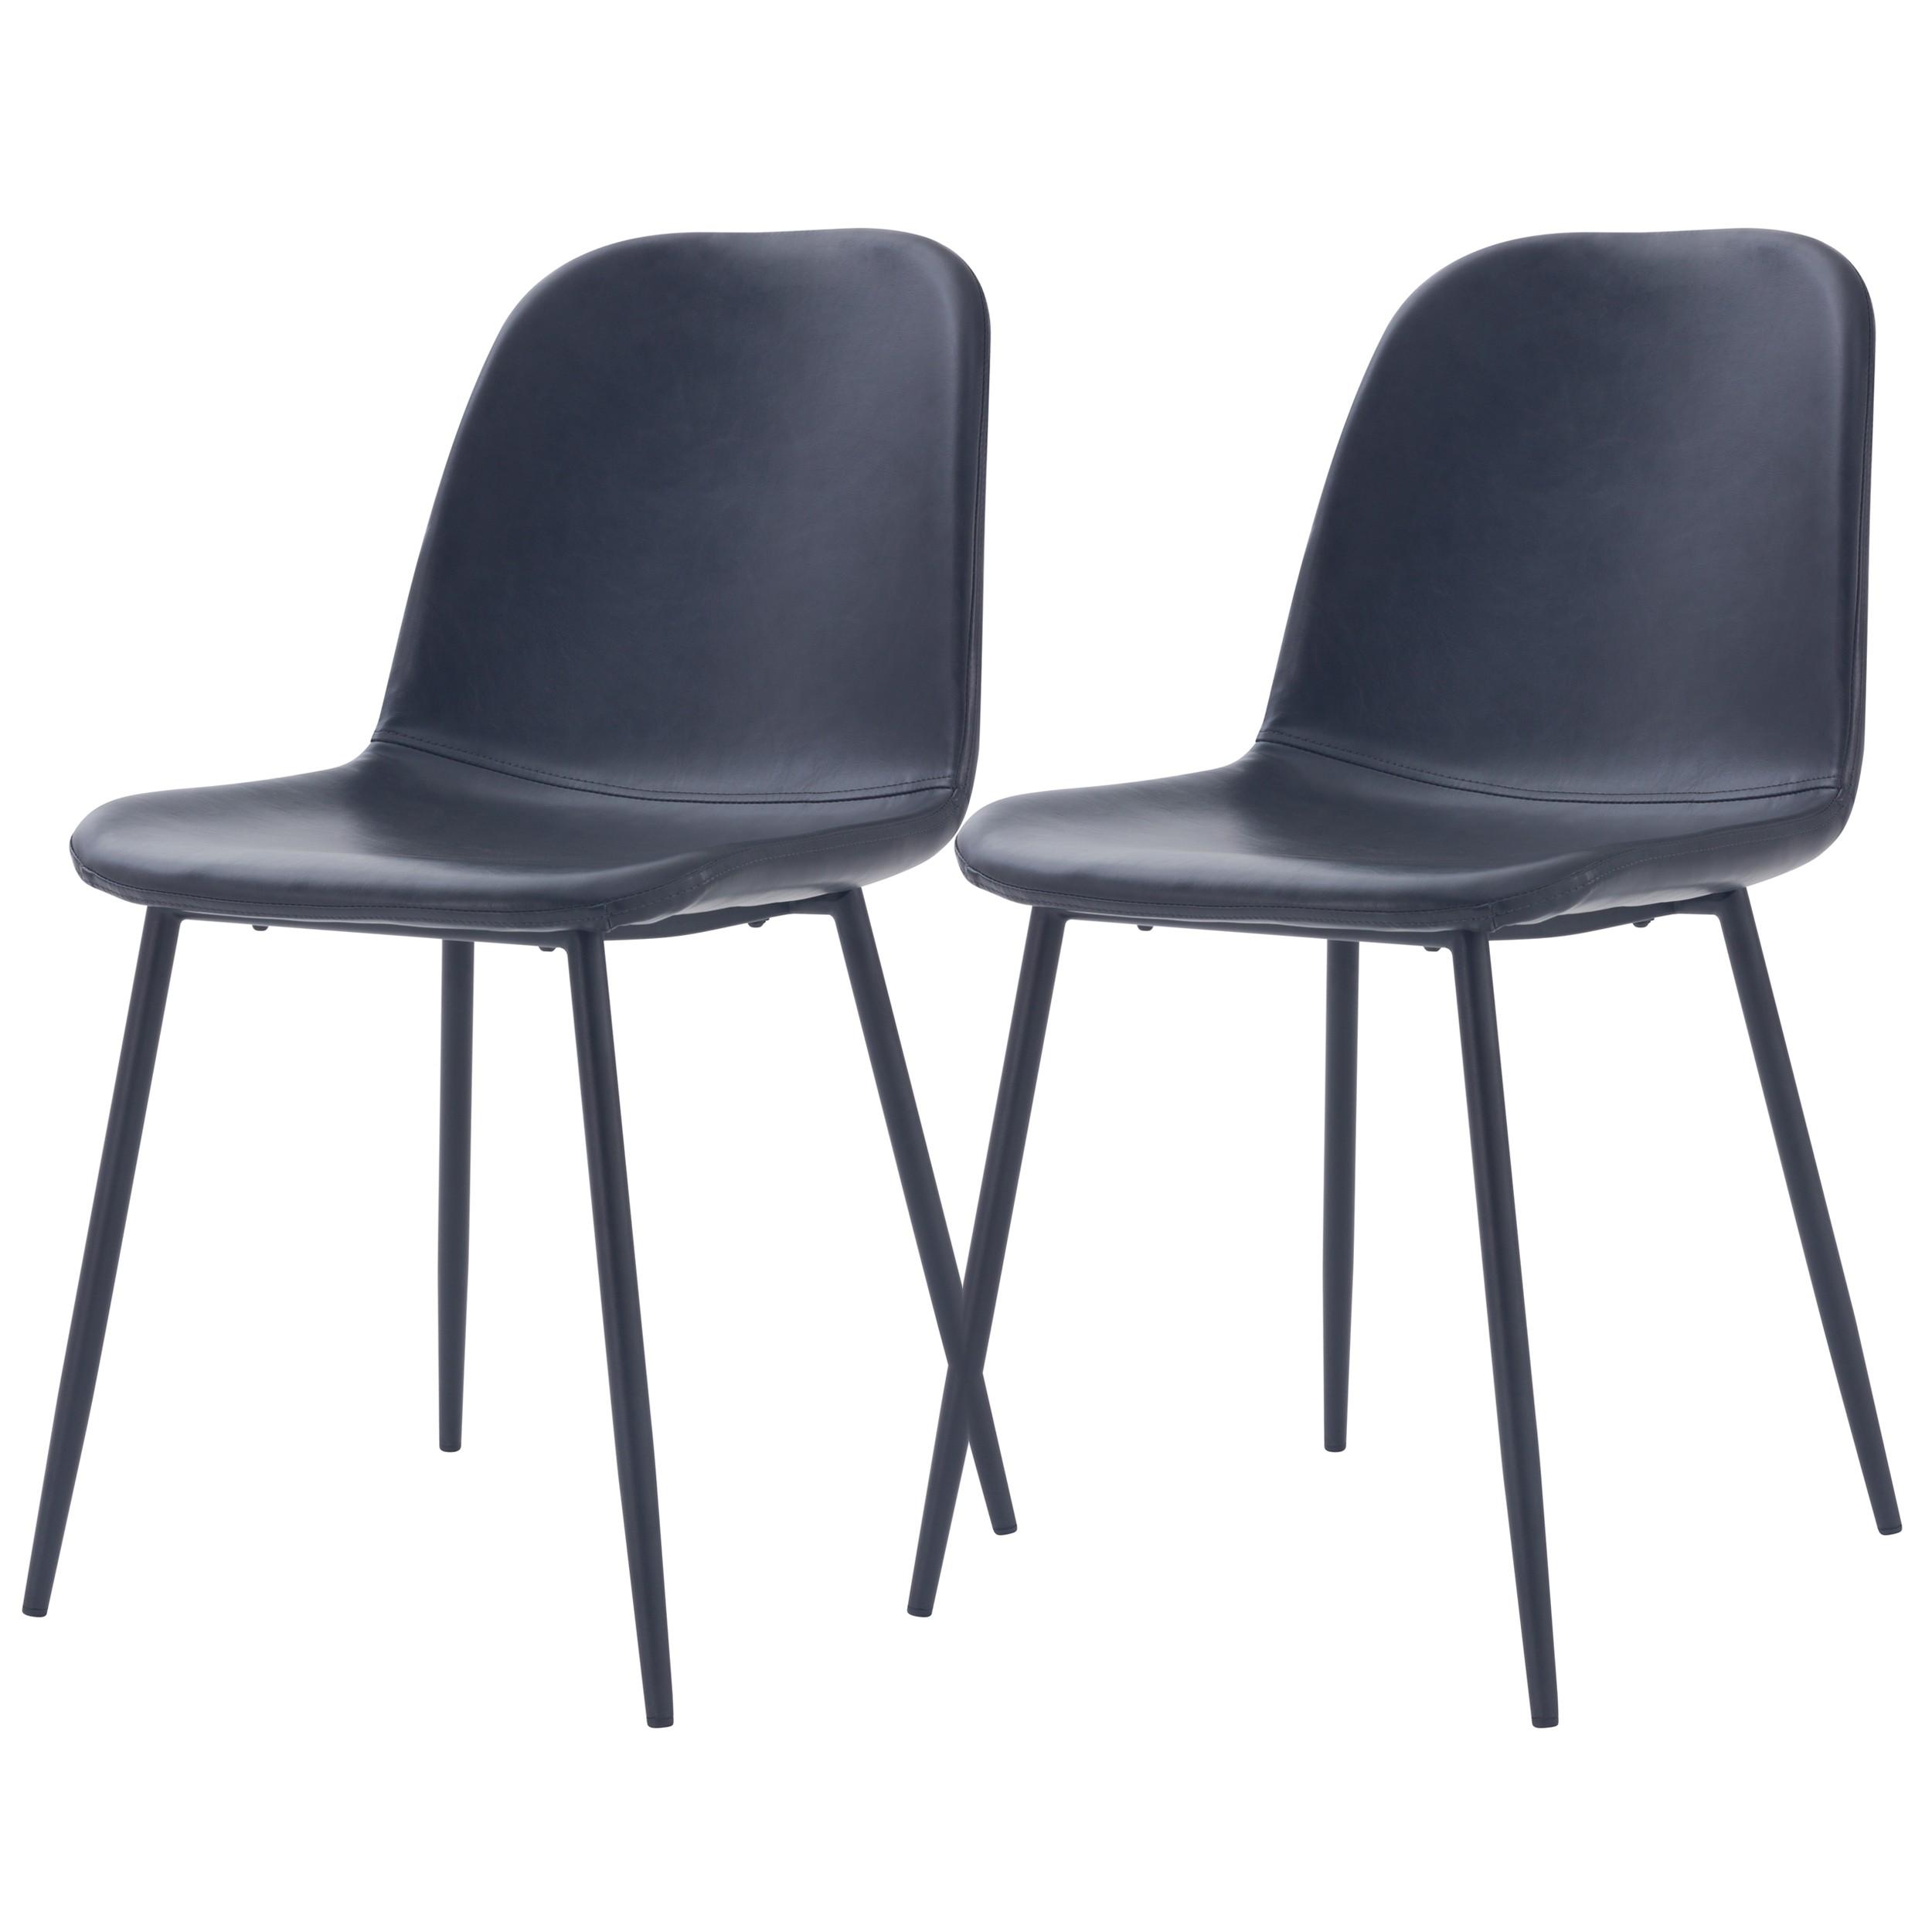 acheter chaise lot de 2 synthetique noire